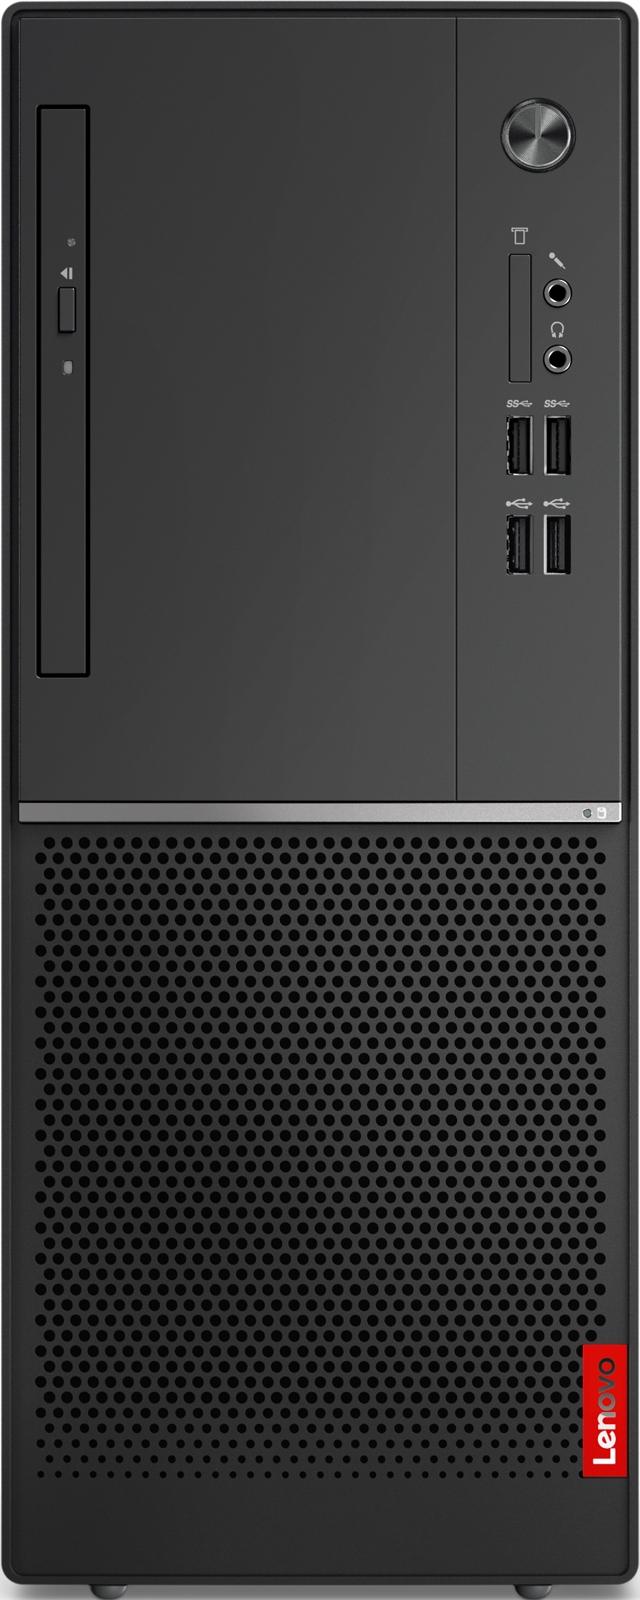 Системный блок Lenovo V330-15IGM MT, 10TS001LRU, черный